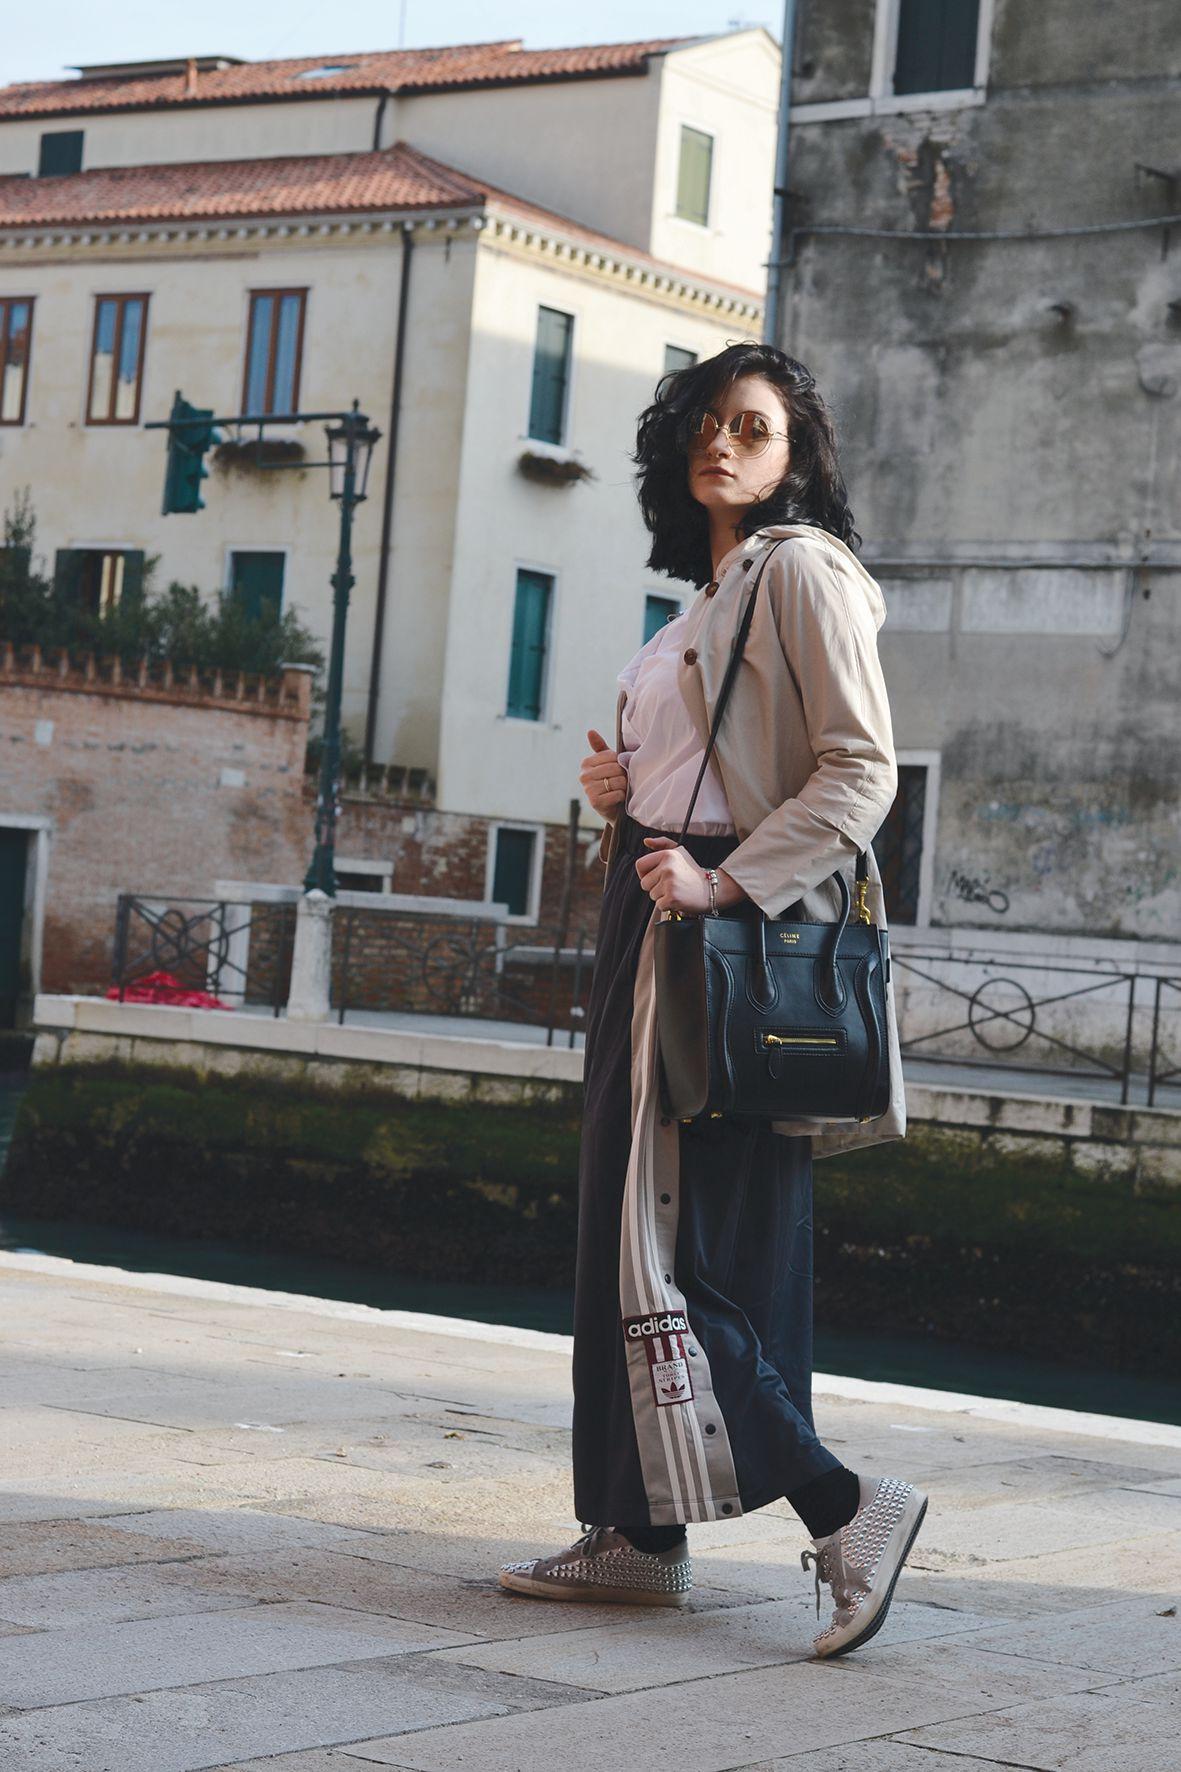 Come indossare il Trench: abbinamenti e look